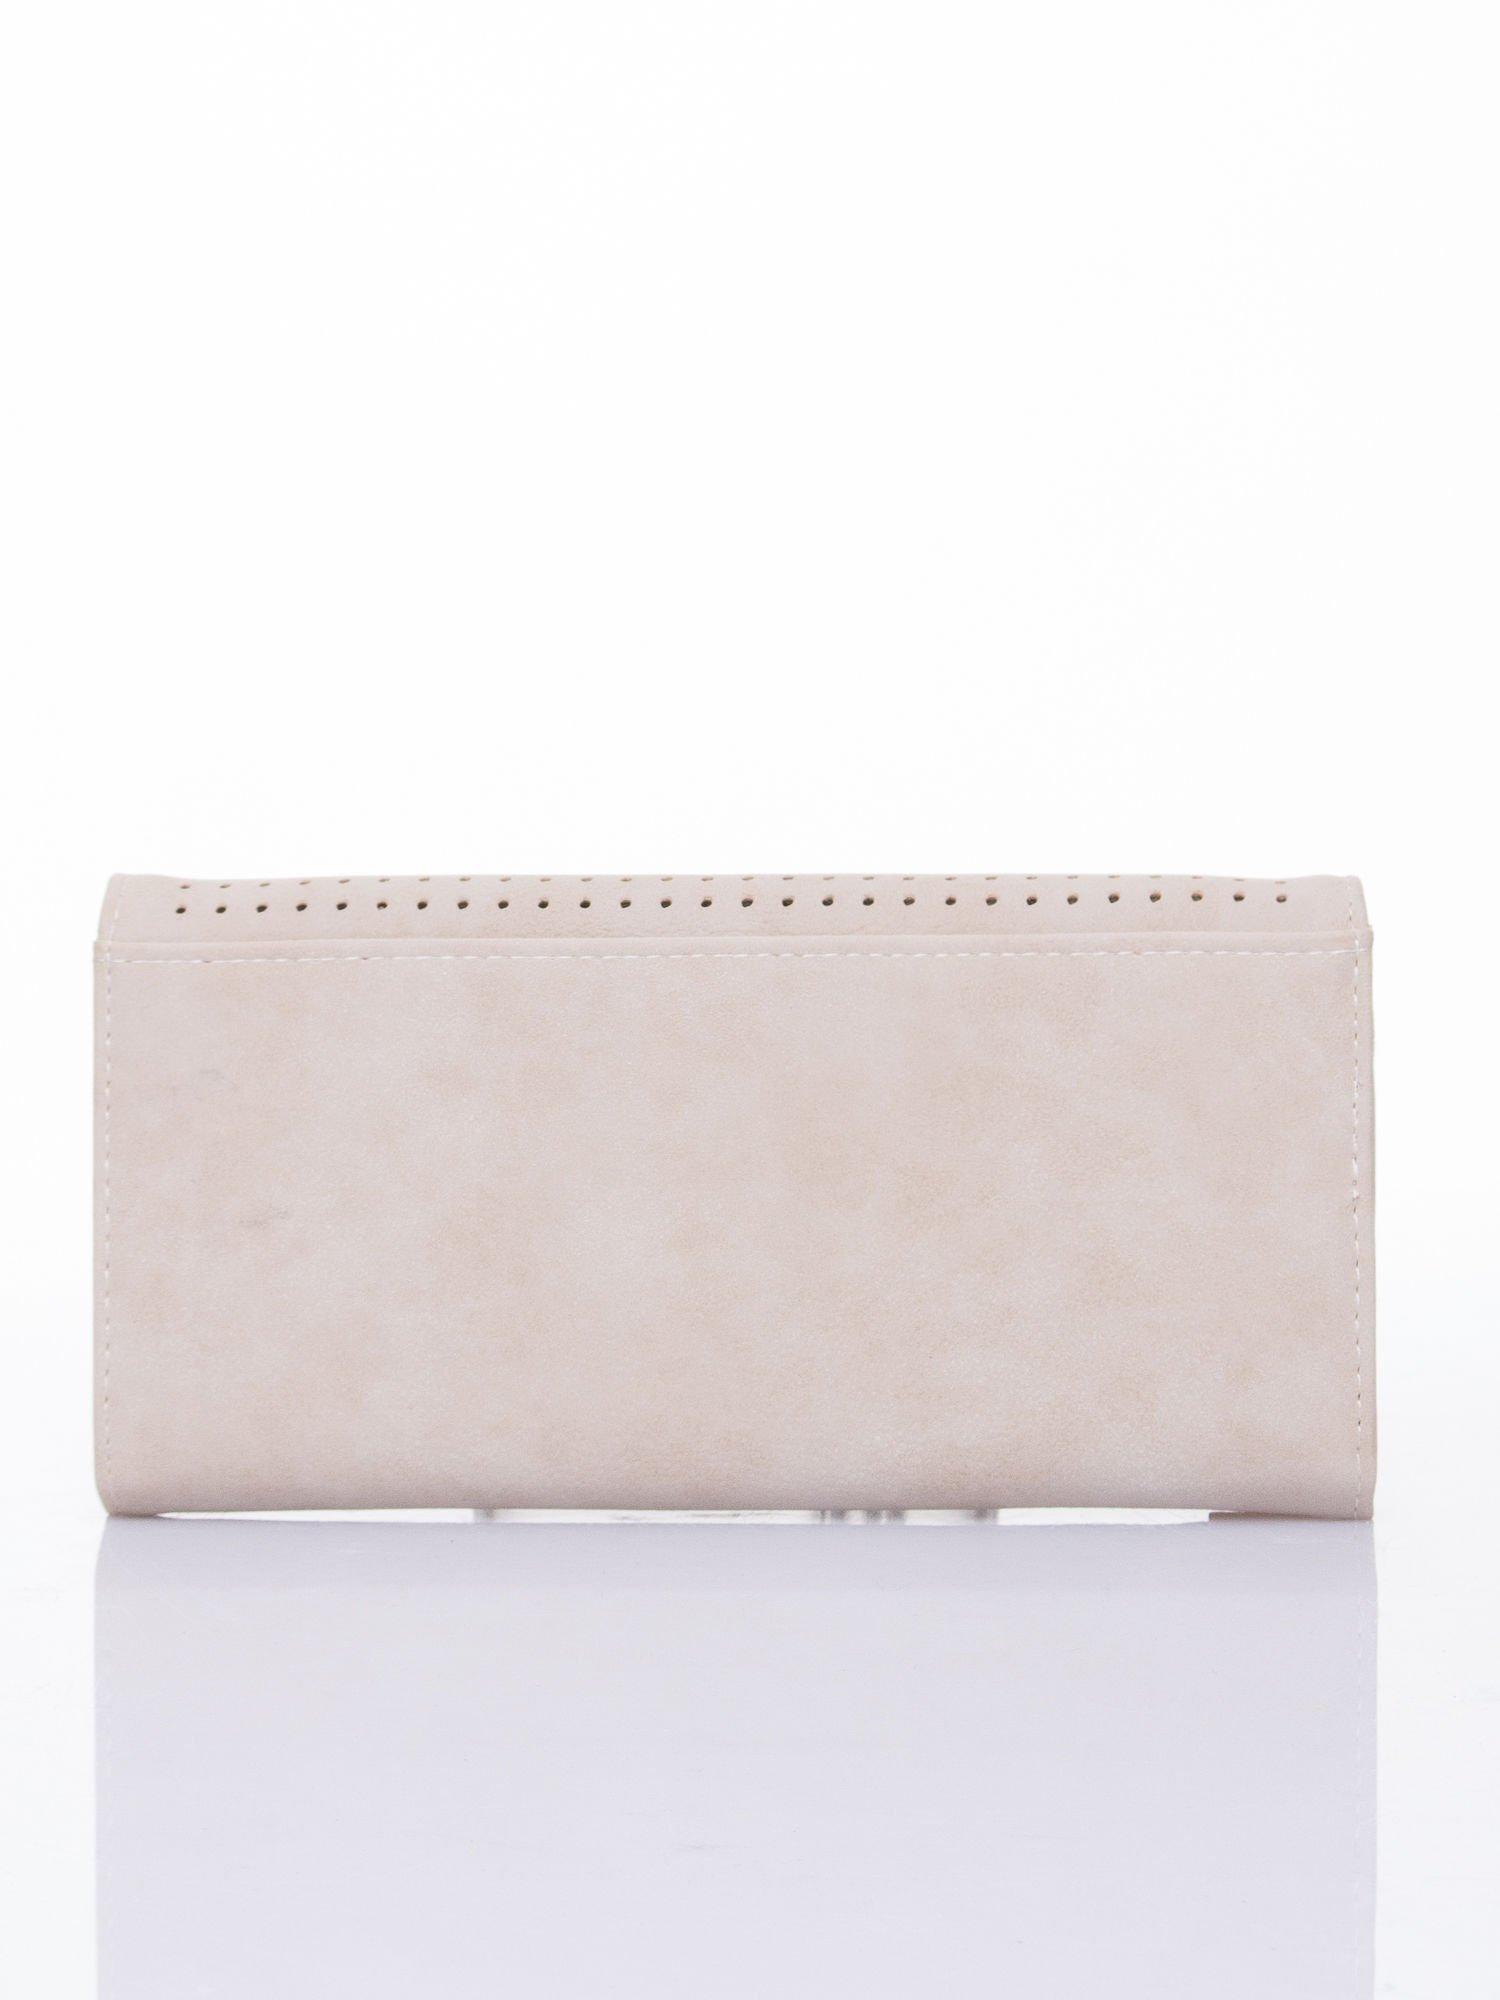 Kremowy dziurkowany portfel ze złotym wykończeniem                                  zdj.                                  2